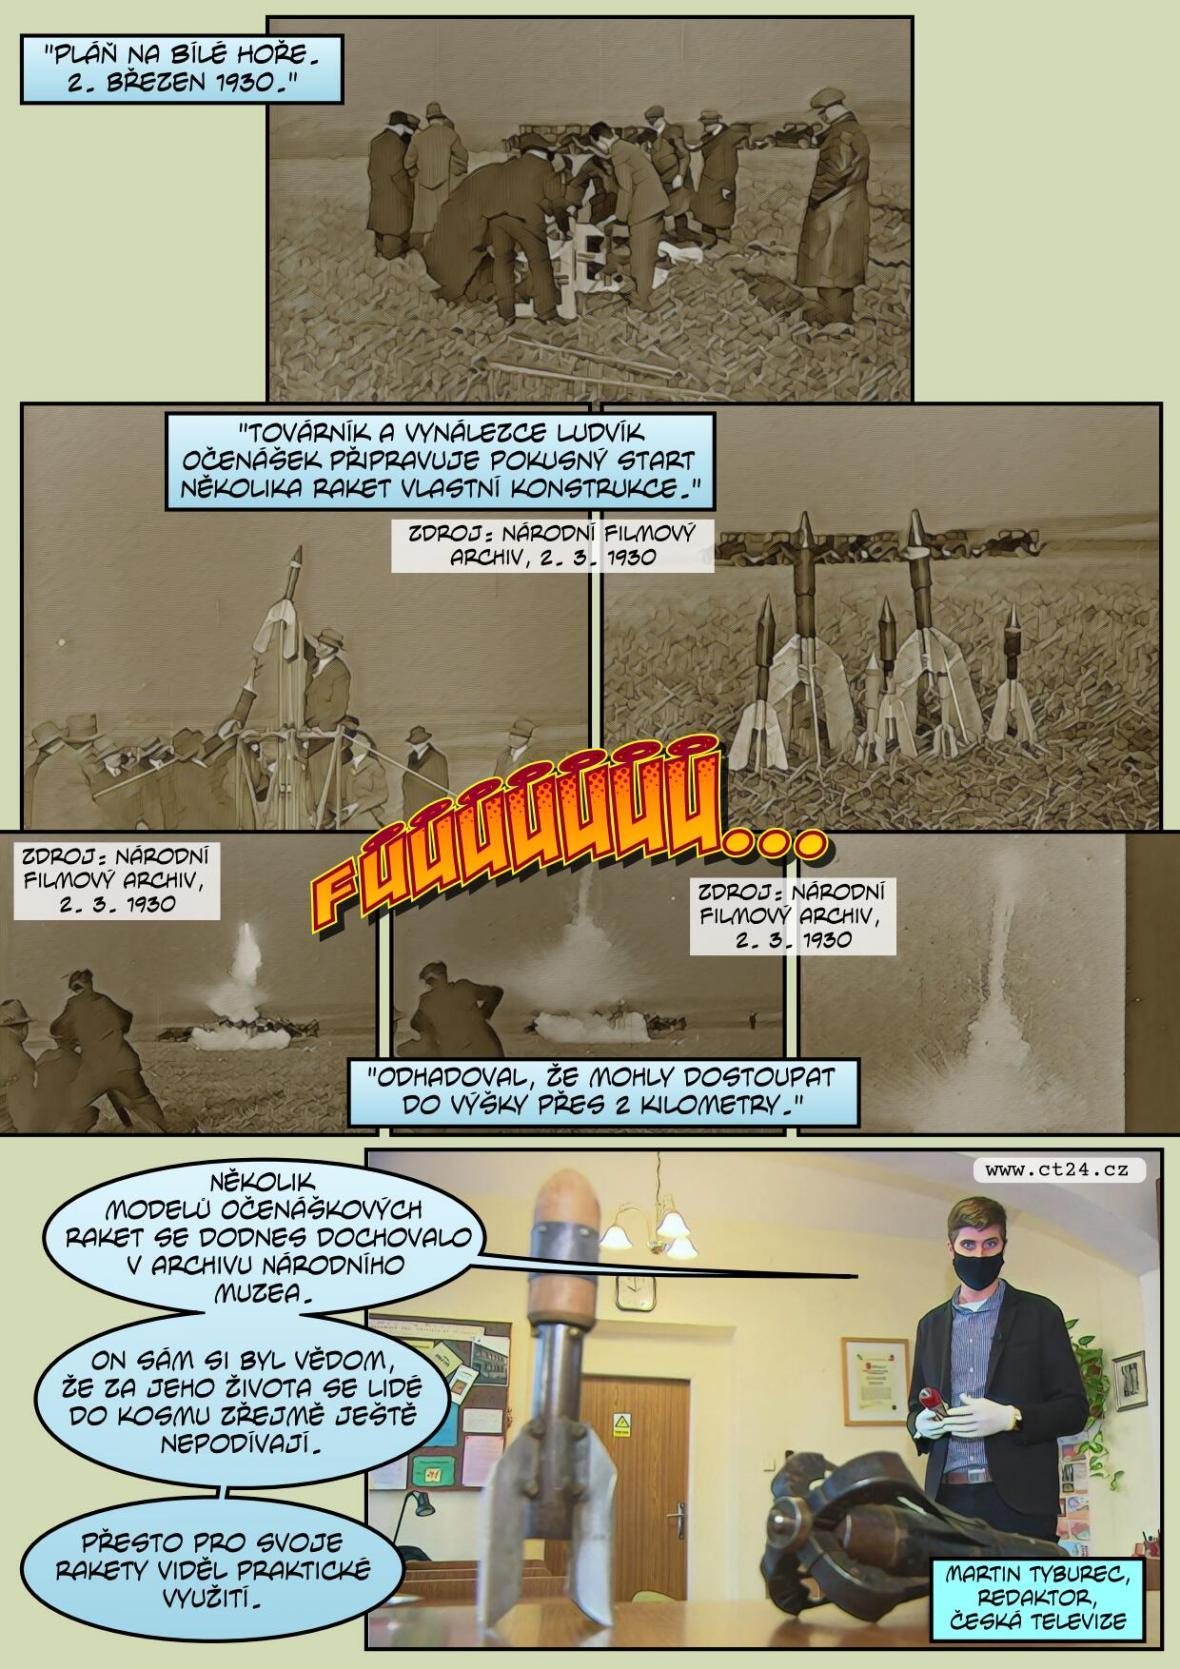 Prvorepublikoví vynálezci chtěli raketami posílat poštu do Ameriky